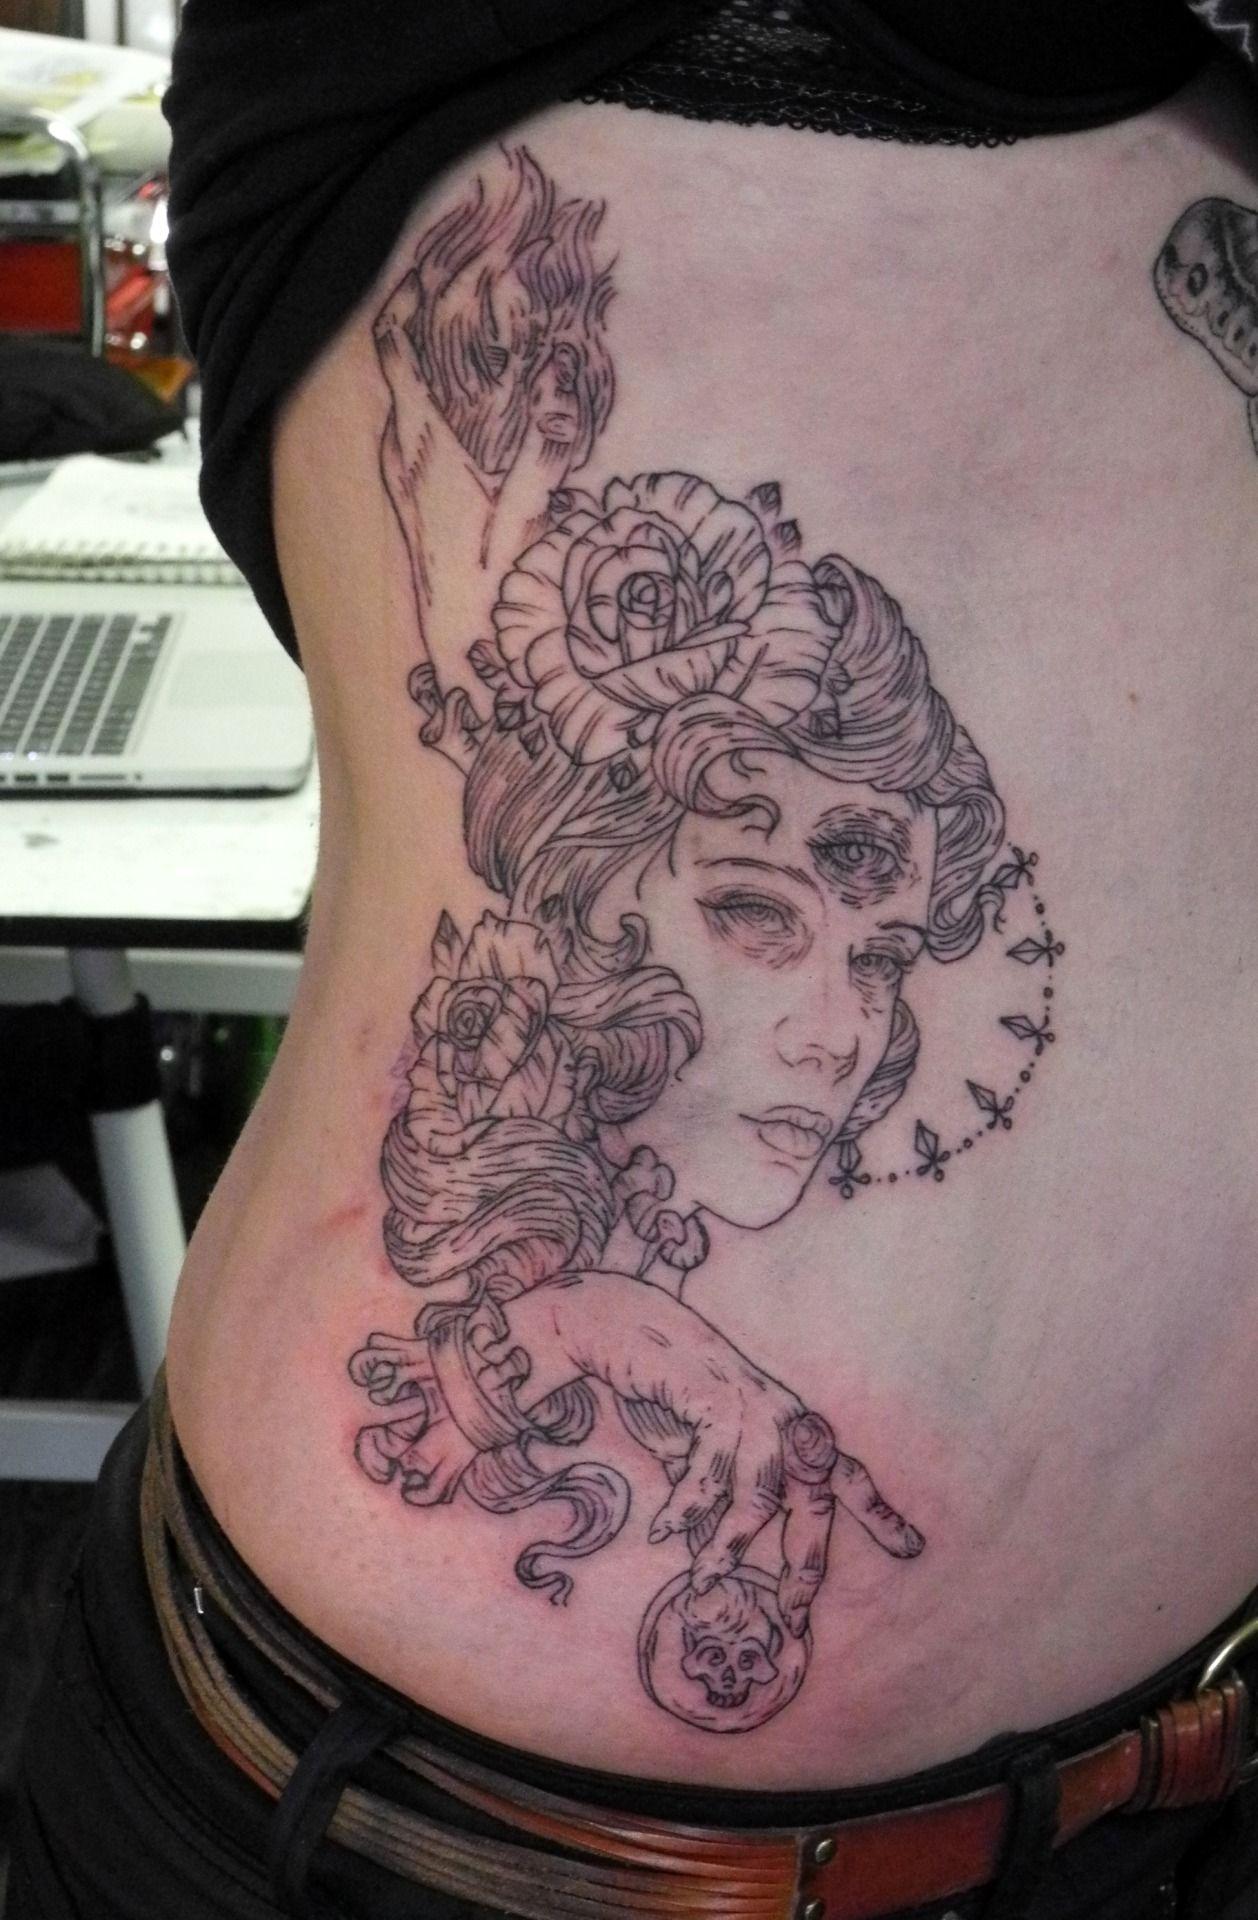 Piercing names body  pretty  Tattoo Ideas  Pinterest  Tattoo